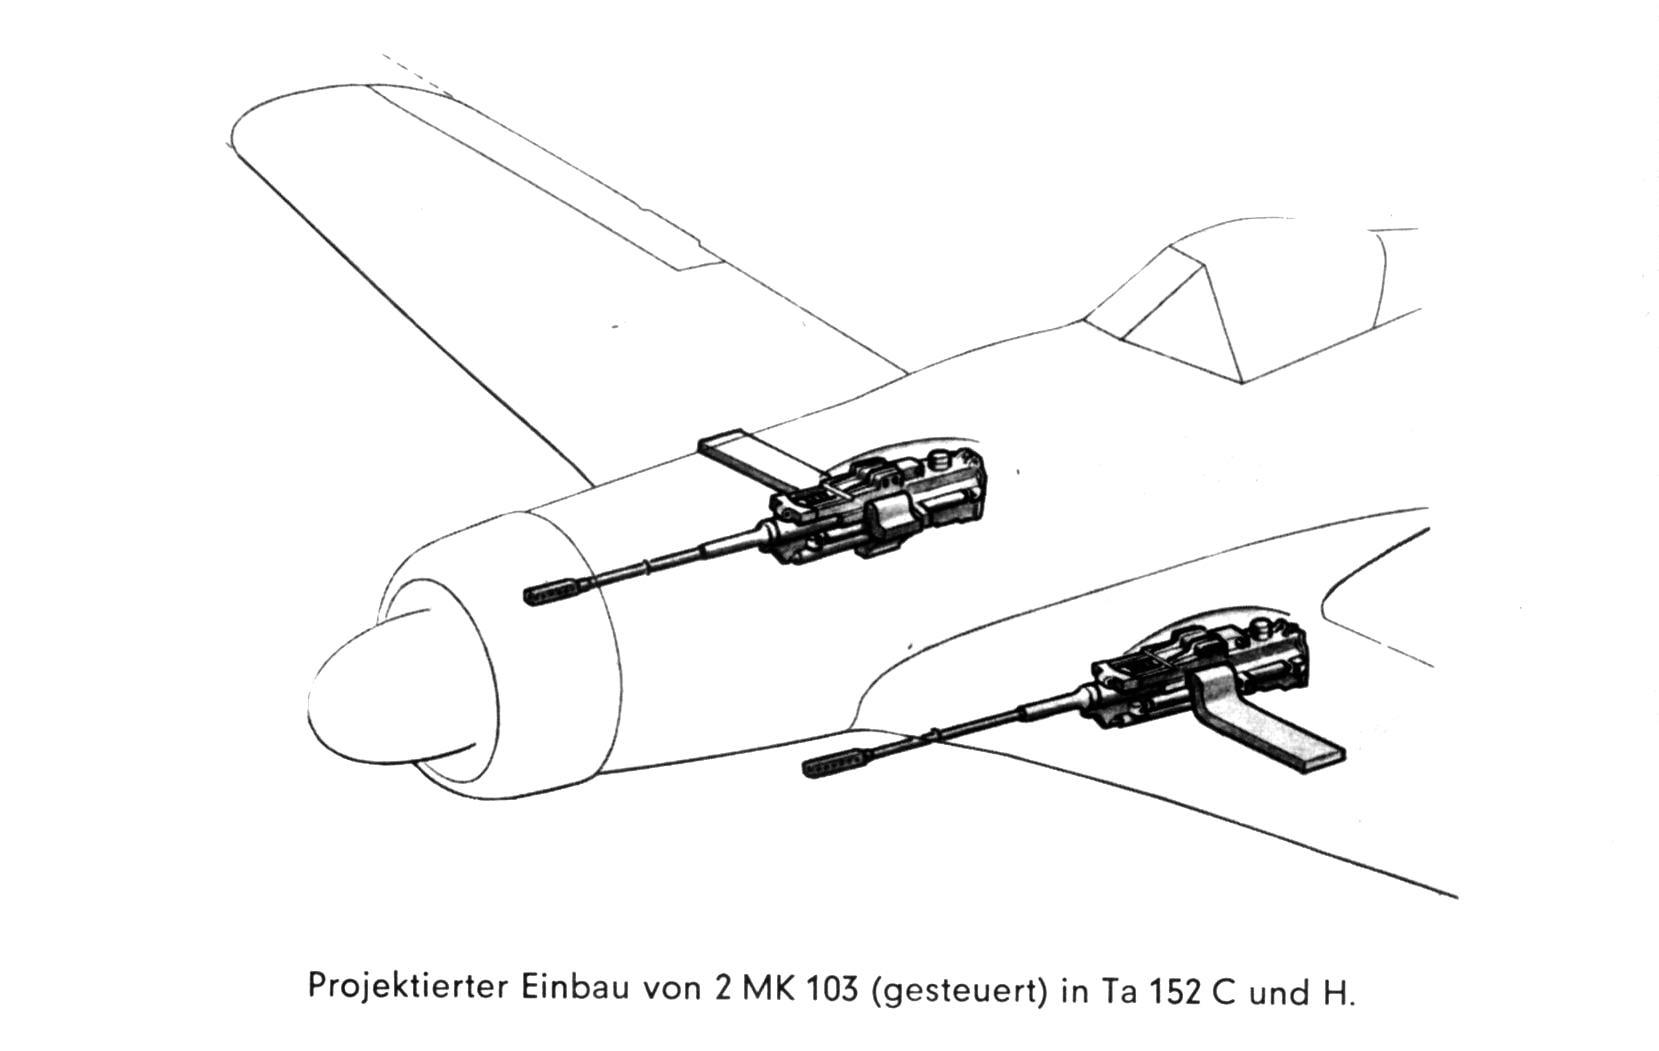 Projektierter Einbau von 2 MK 103 (gesteuert) in Ta 152 C und H.